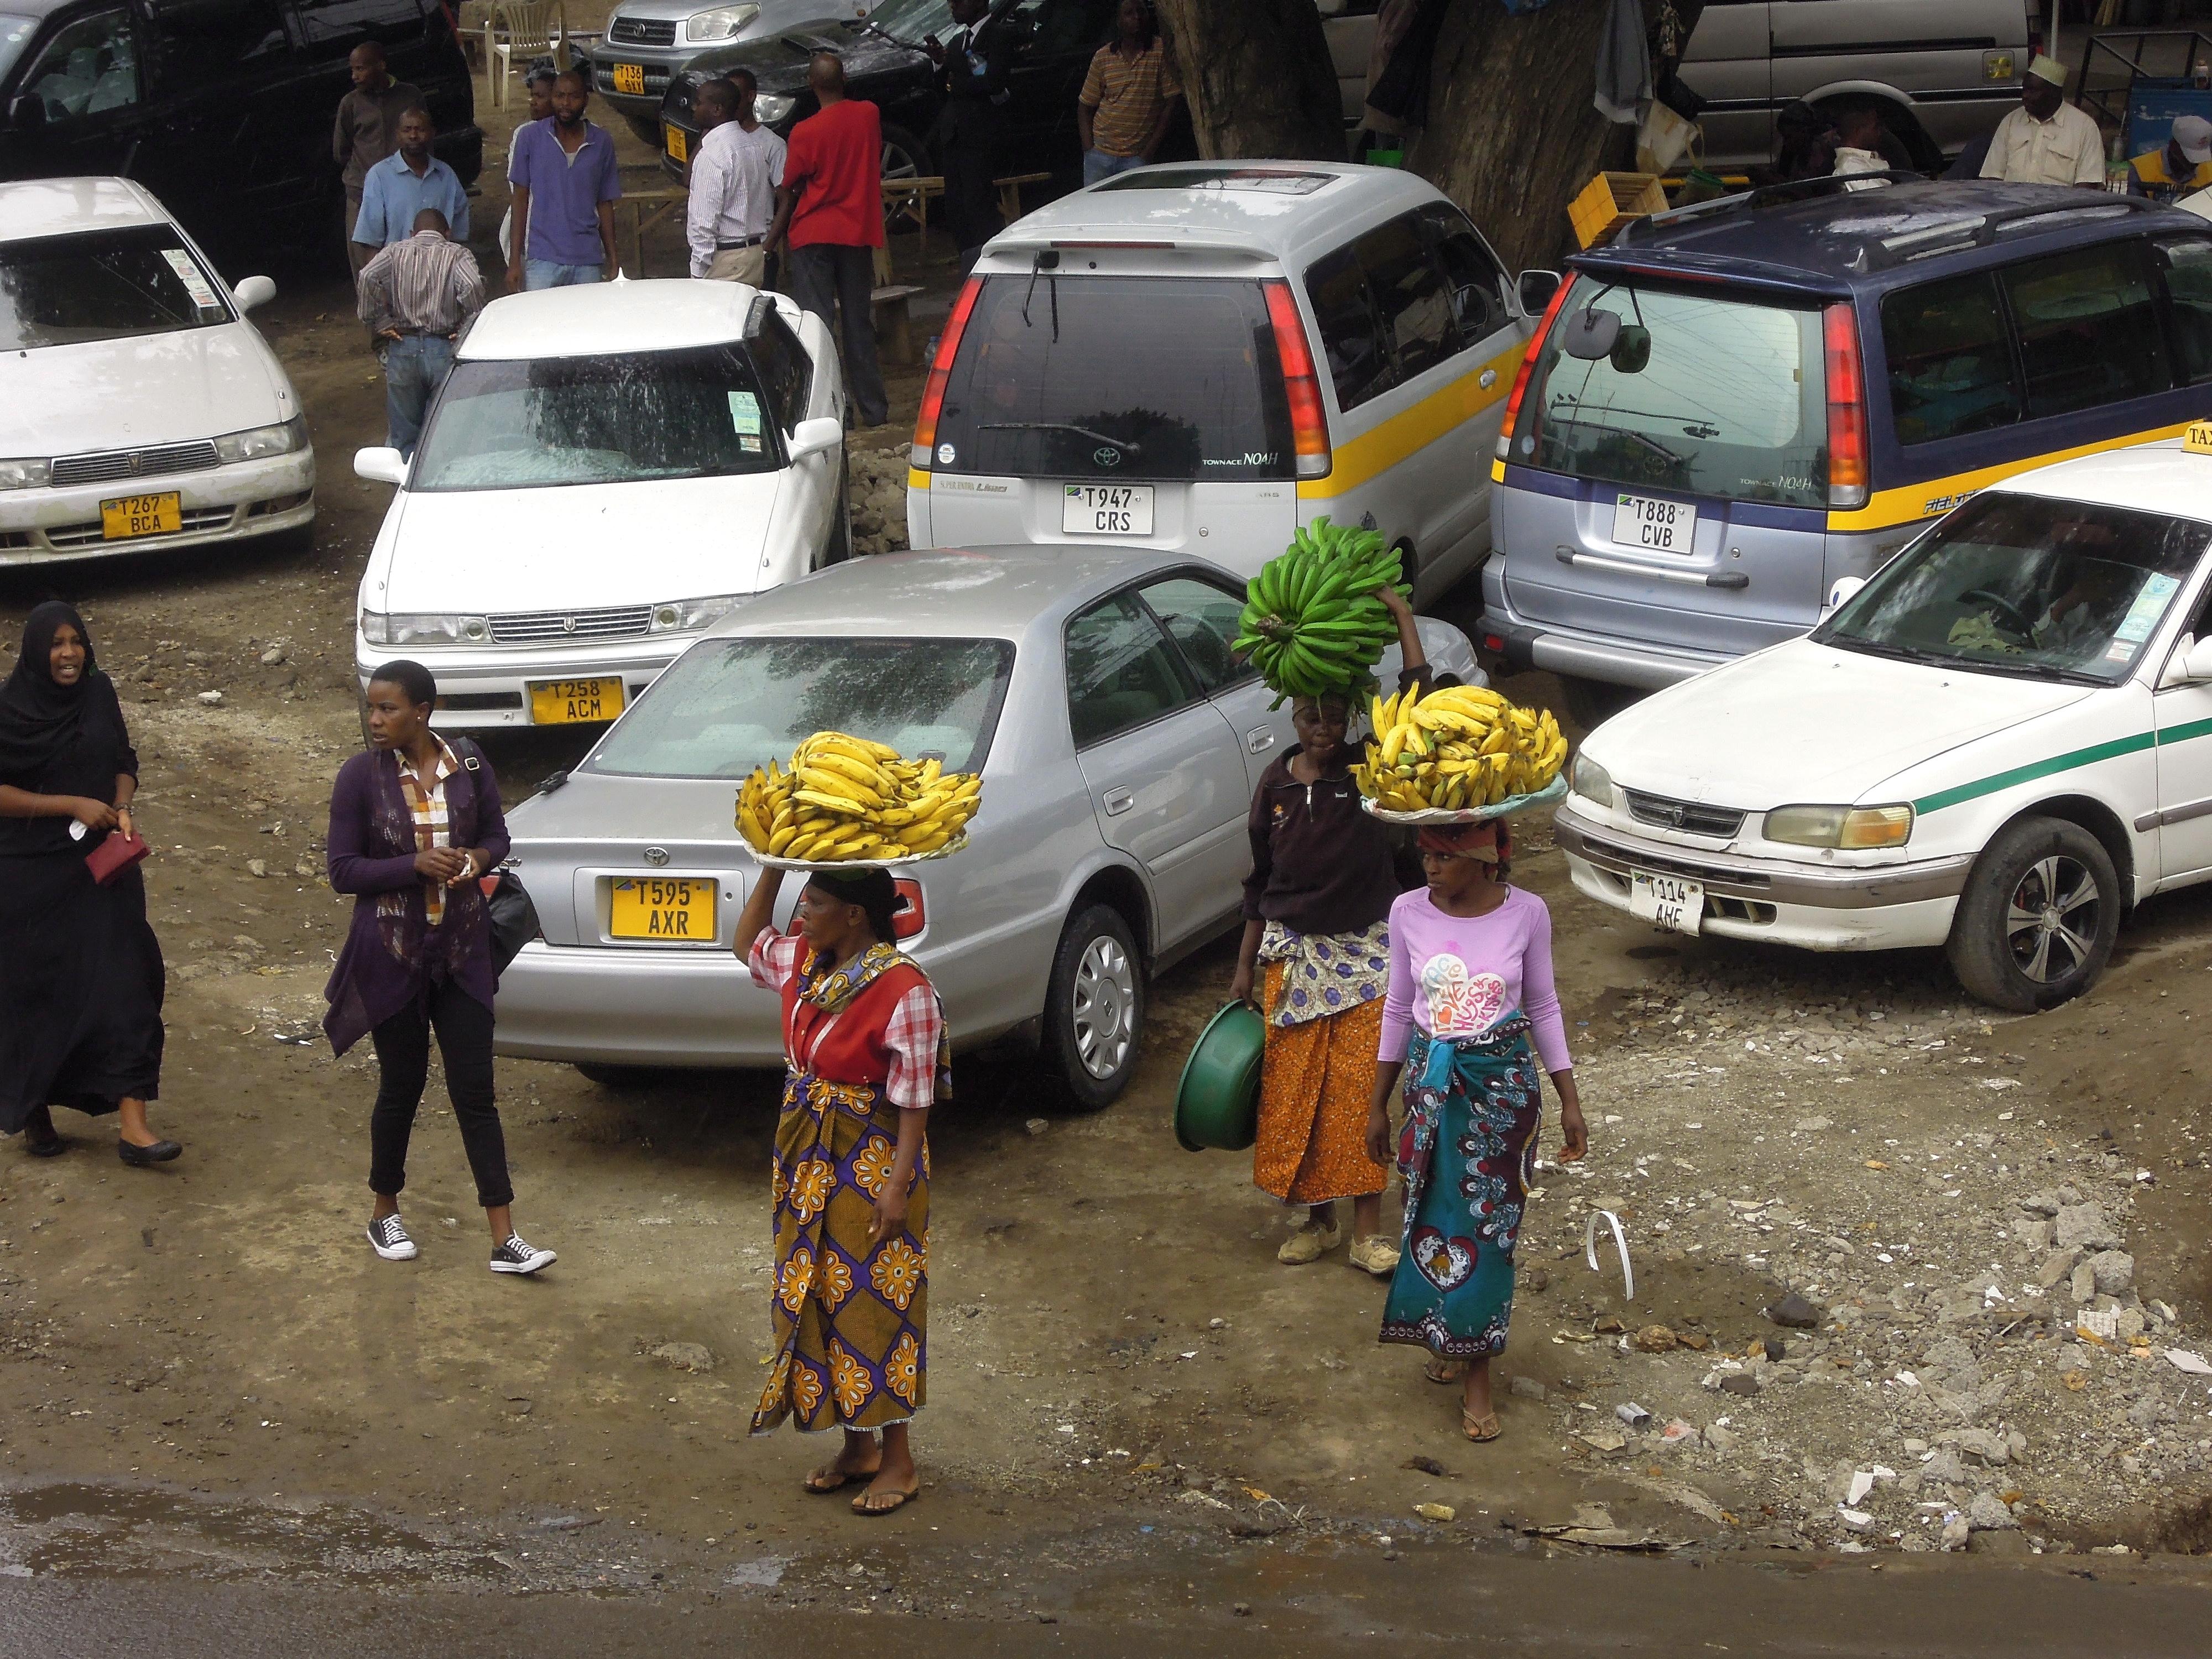 W afrykańskiej przestrzeni miejskiej jest bardzo mało asfaltu. Arusha, Tanzania, fot. M. Lehrmann